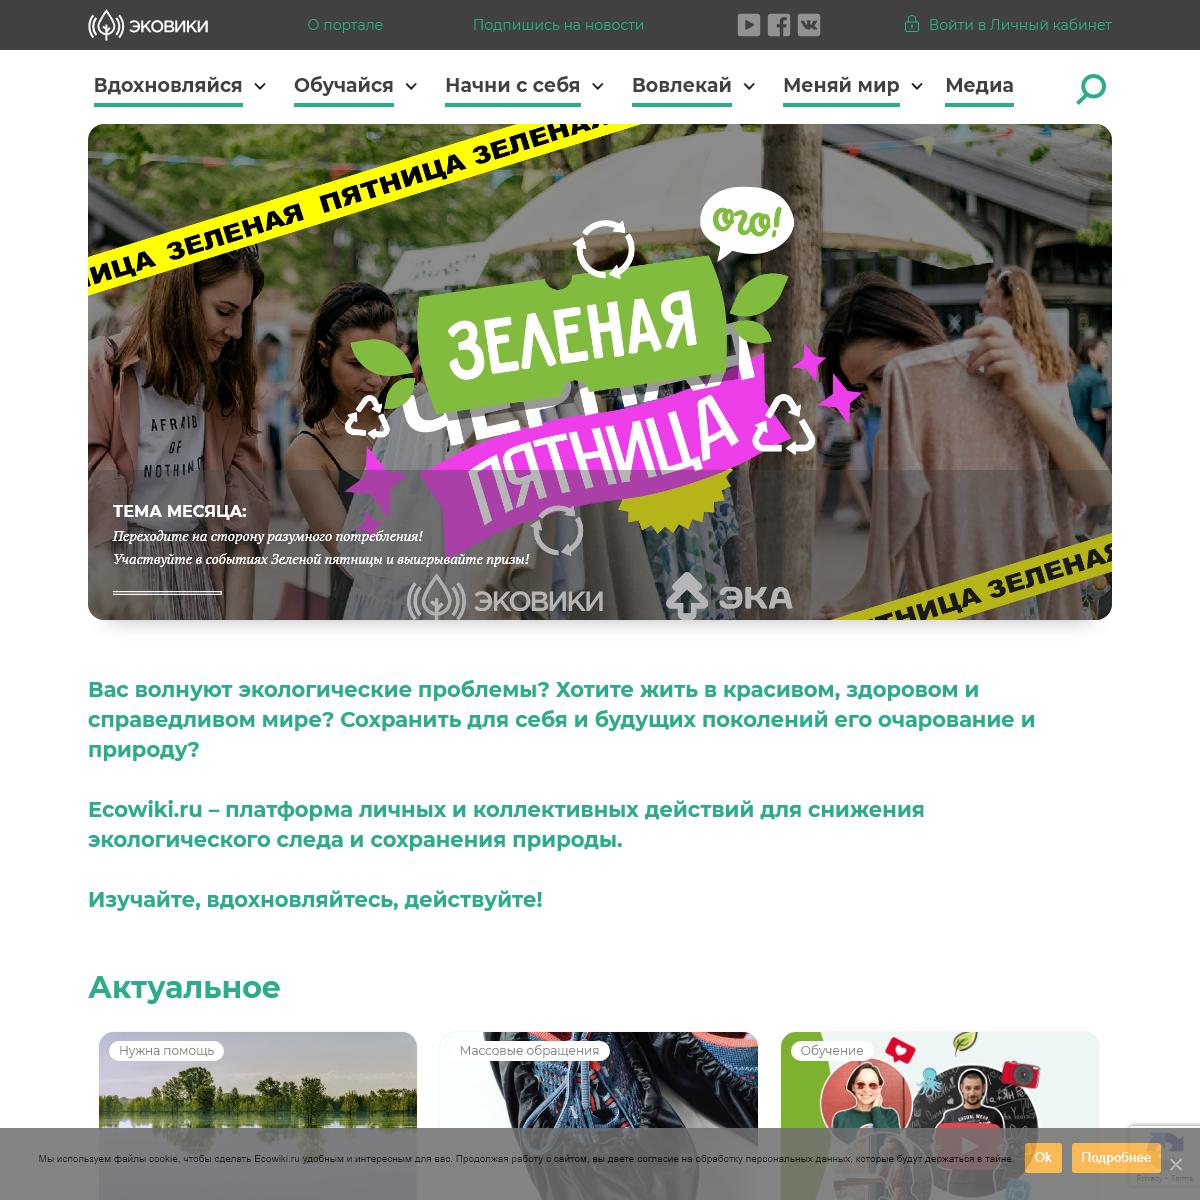 Эковики — Портал для популяризации экологичного образа жизни и разви